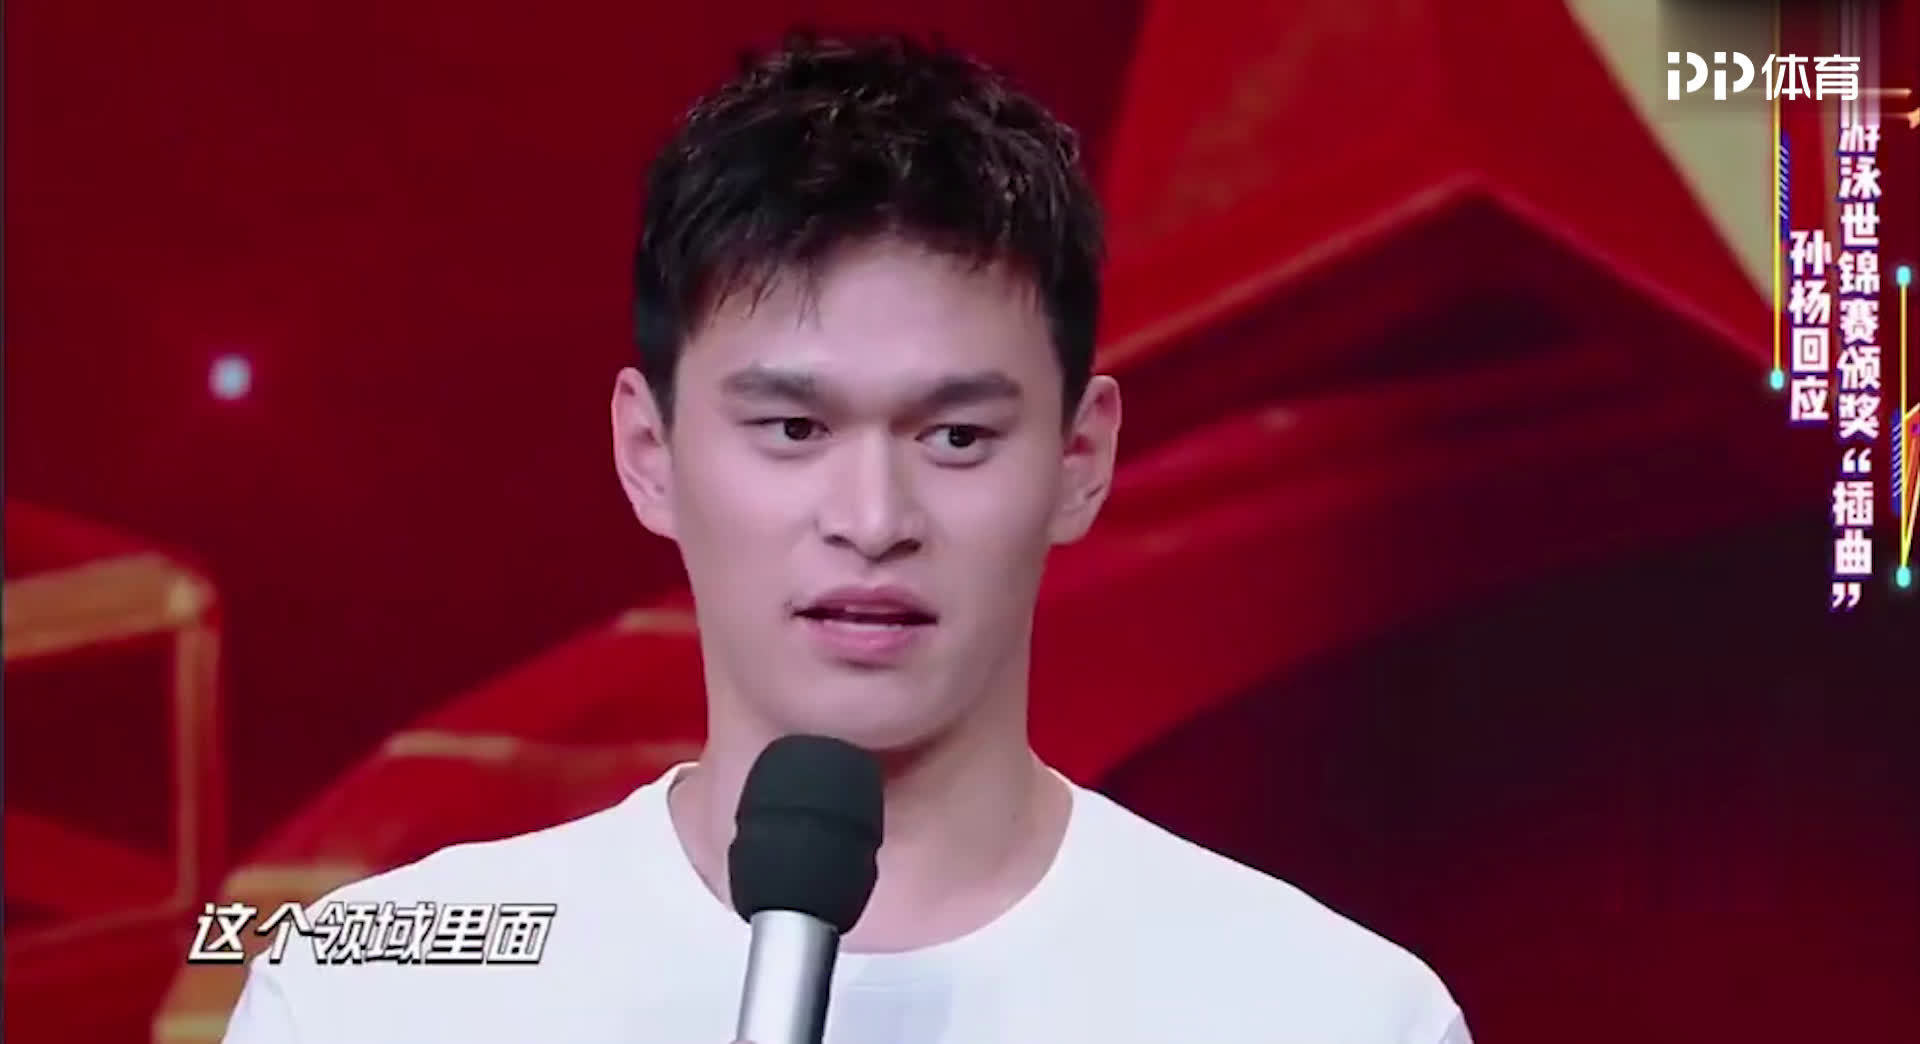 孙杨再回应世锦赛风波:没让这些伎俩得逞